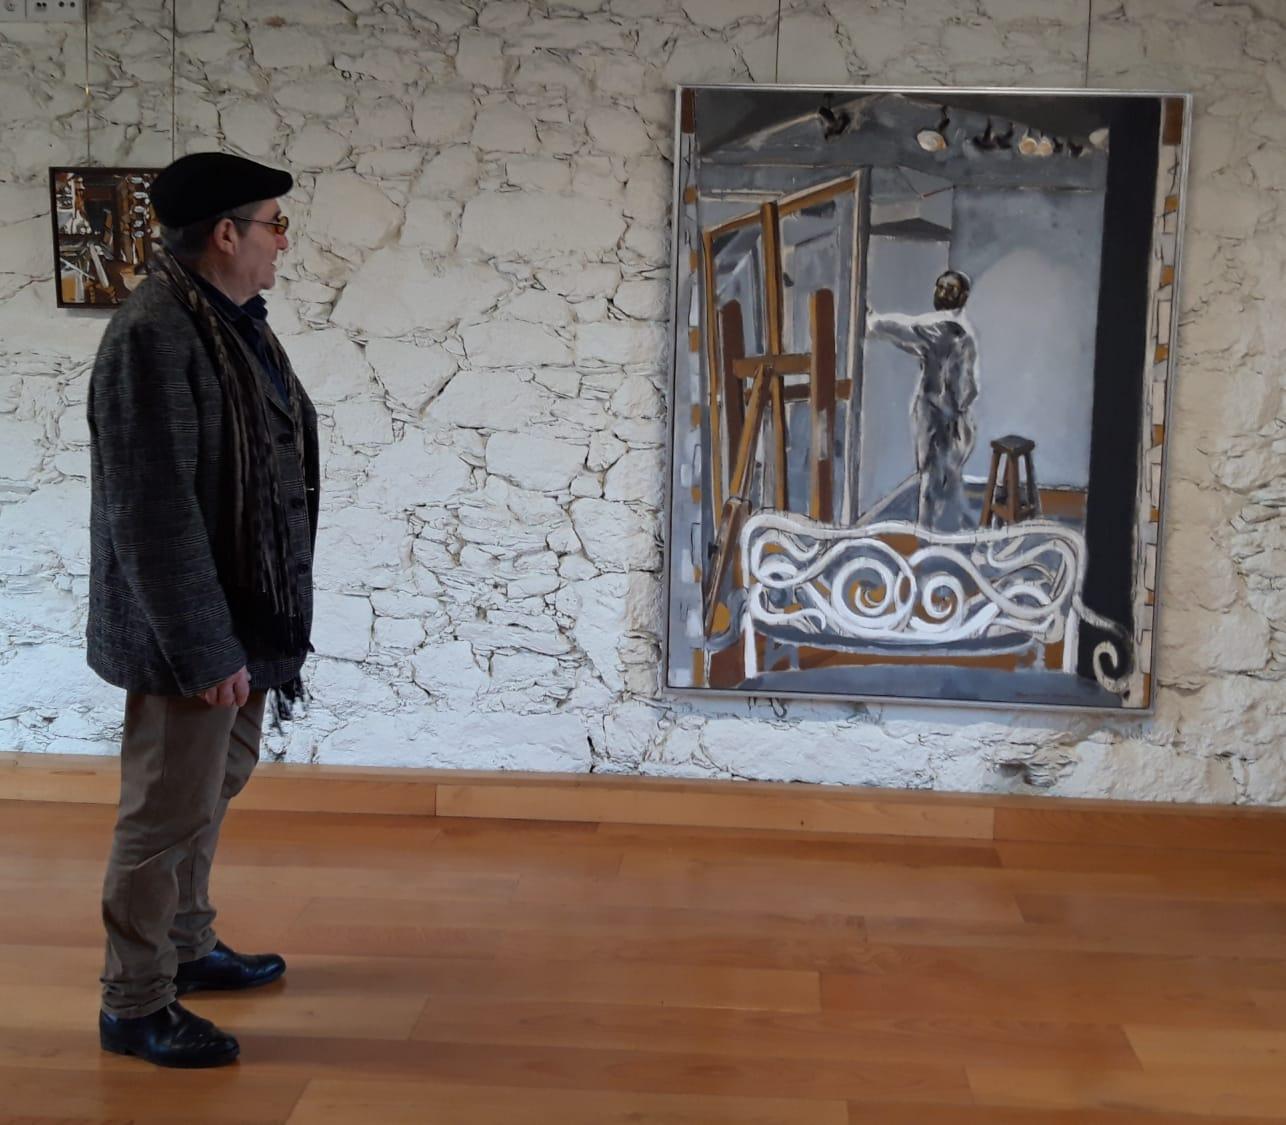 Correa Corredoira, Pintor no Taller, Instituto de Estudos Ulloáns, IEU, castelo de Pambre